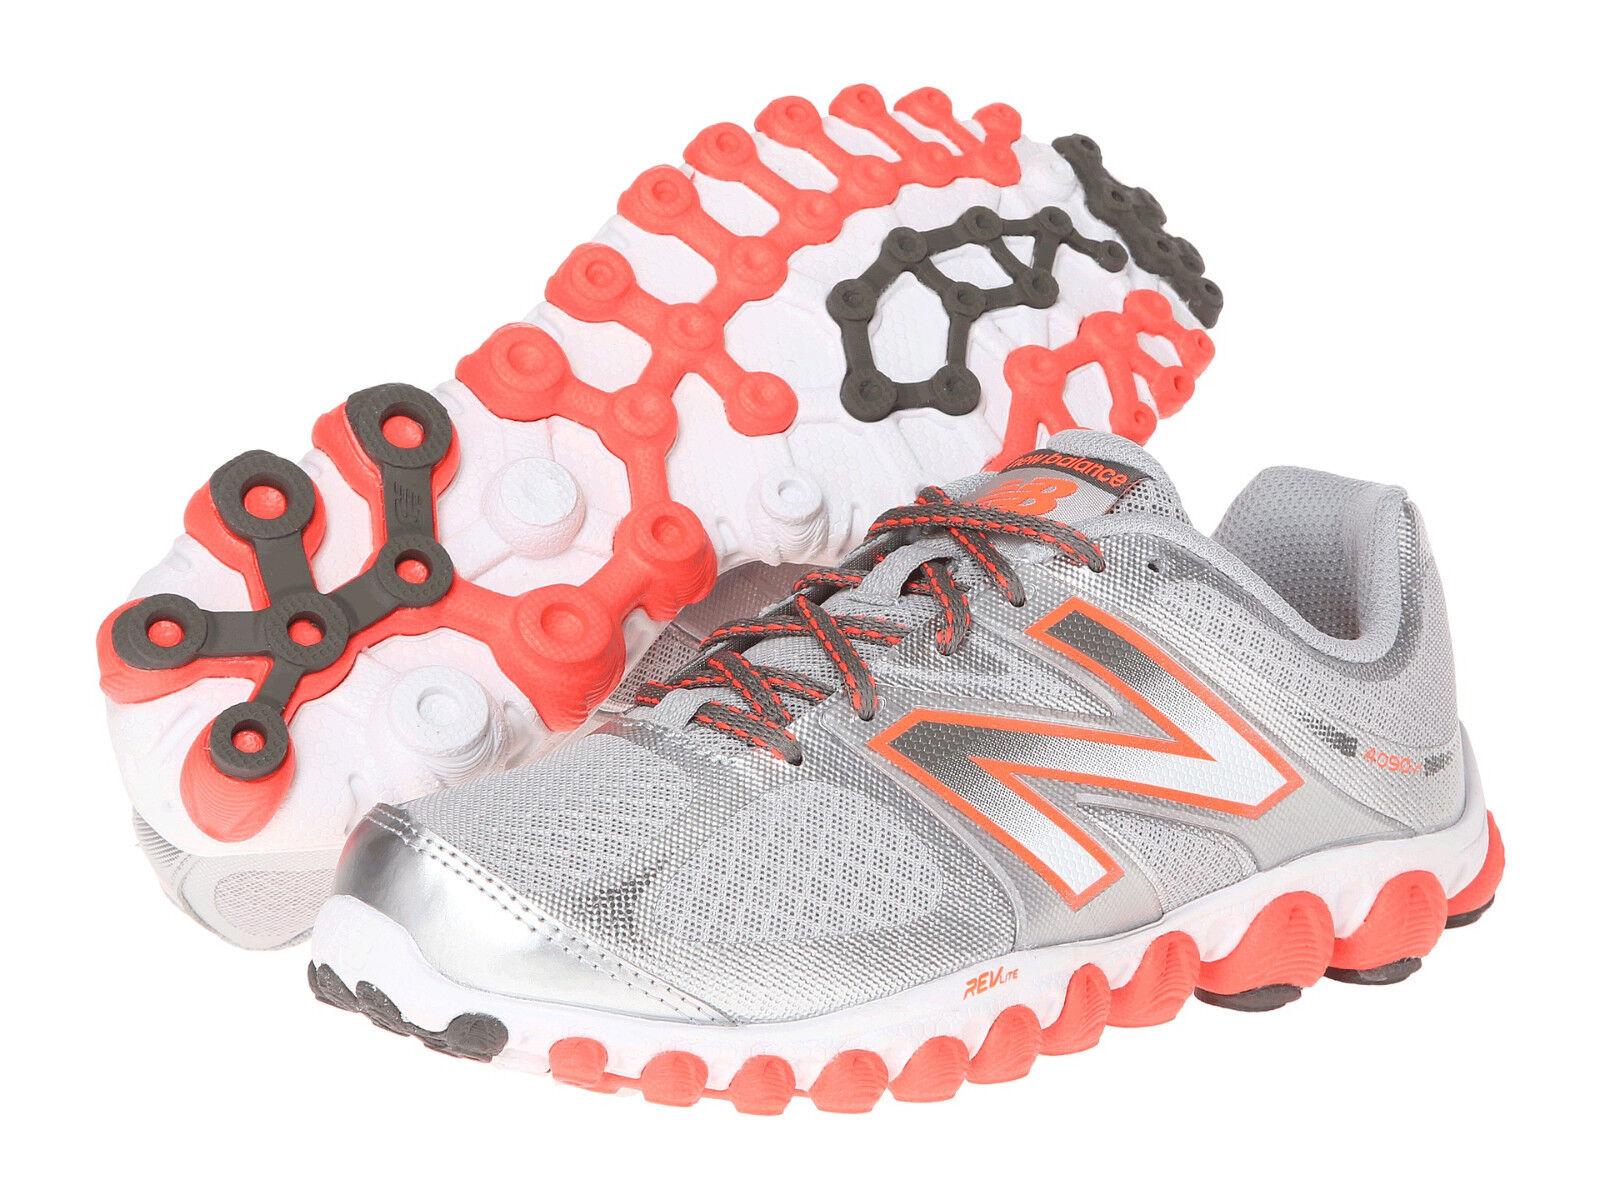 NEU  Damenschuhe NEU Balance 4090 Running Sneakers Schuhes - limited Größes